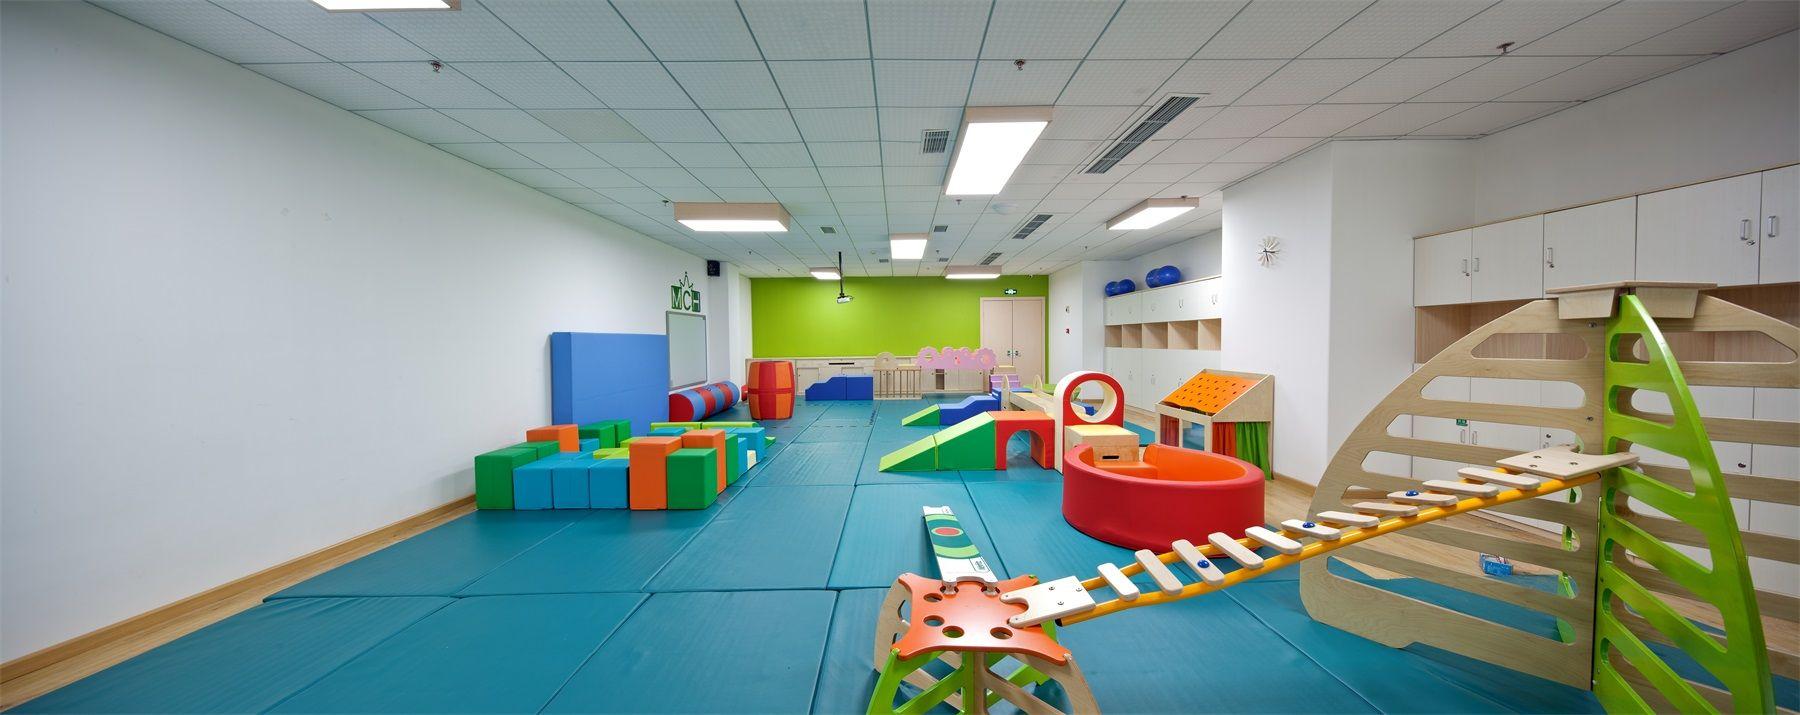 枫叶儿童之家 - 文化空间 - 第3页 - 蒋丹设计作品案例